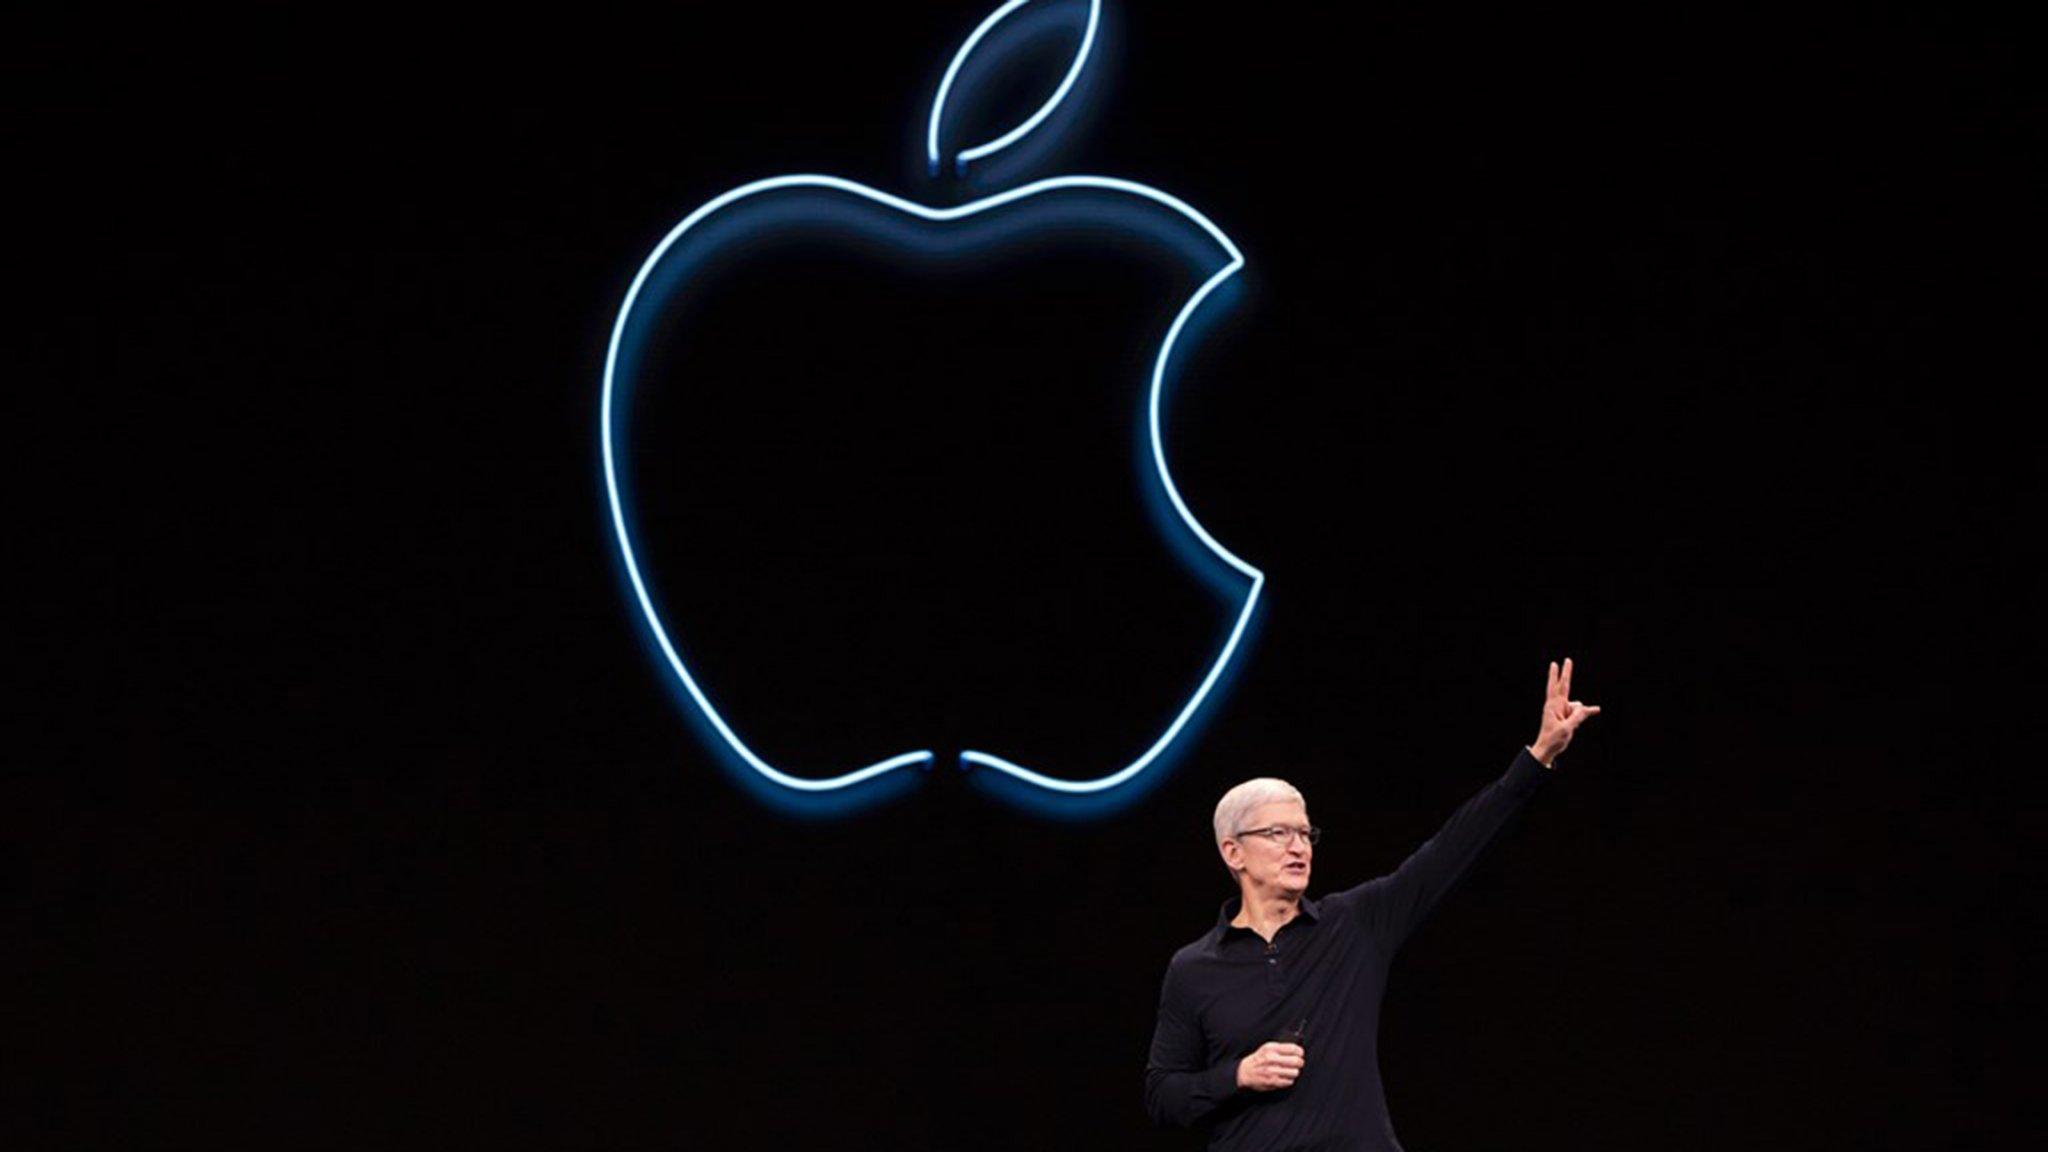 'Apple bijna rond met Hyundai-Kia over zelfrijdende Apple Car' - RTL Nieuws